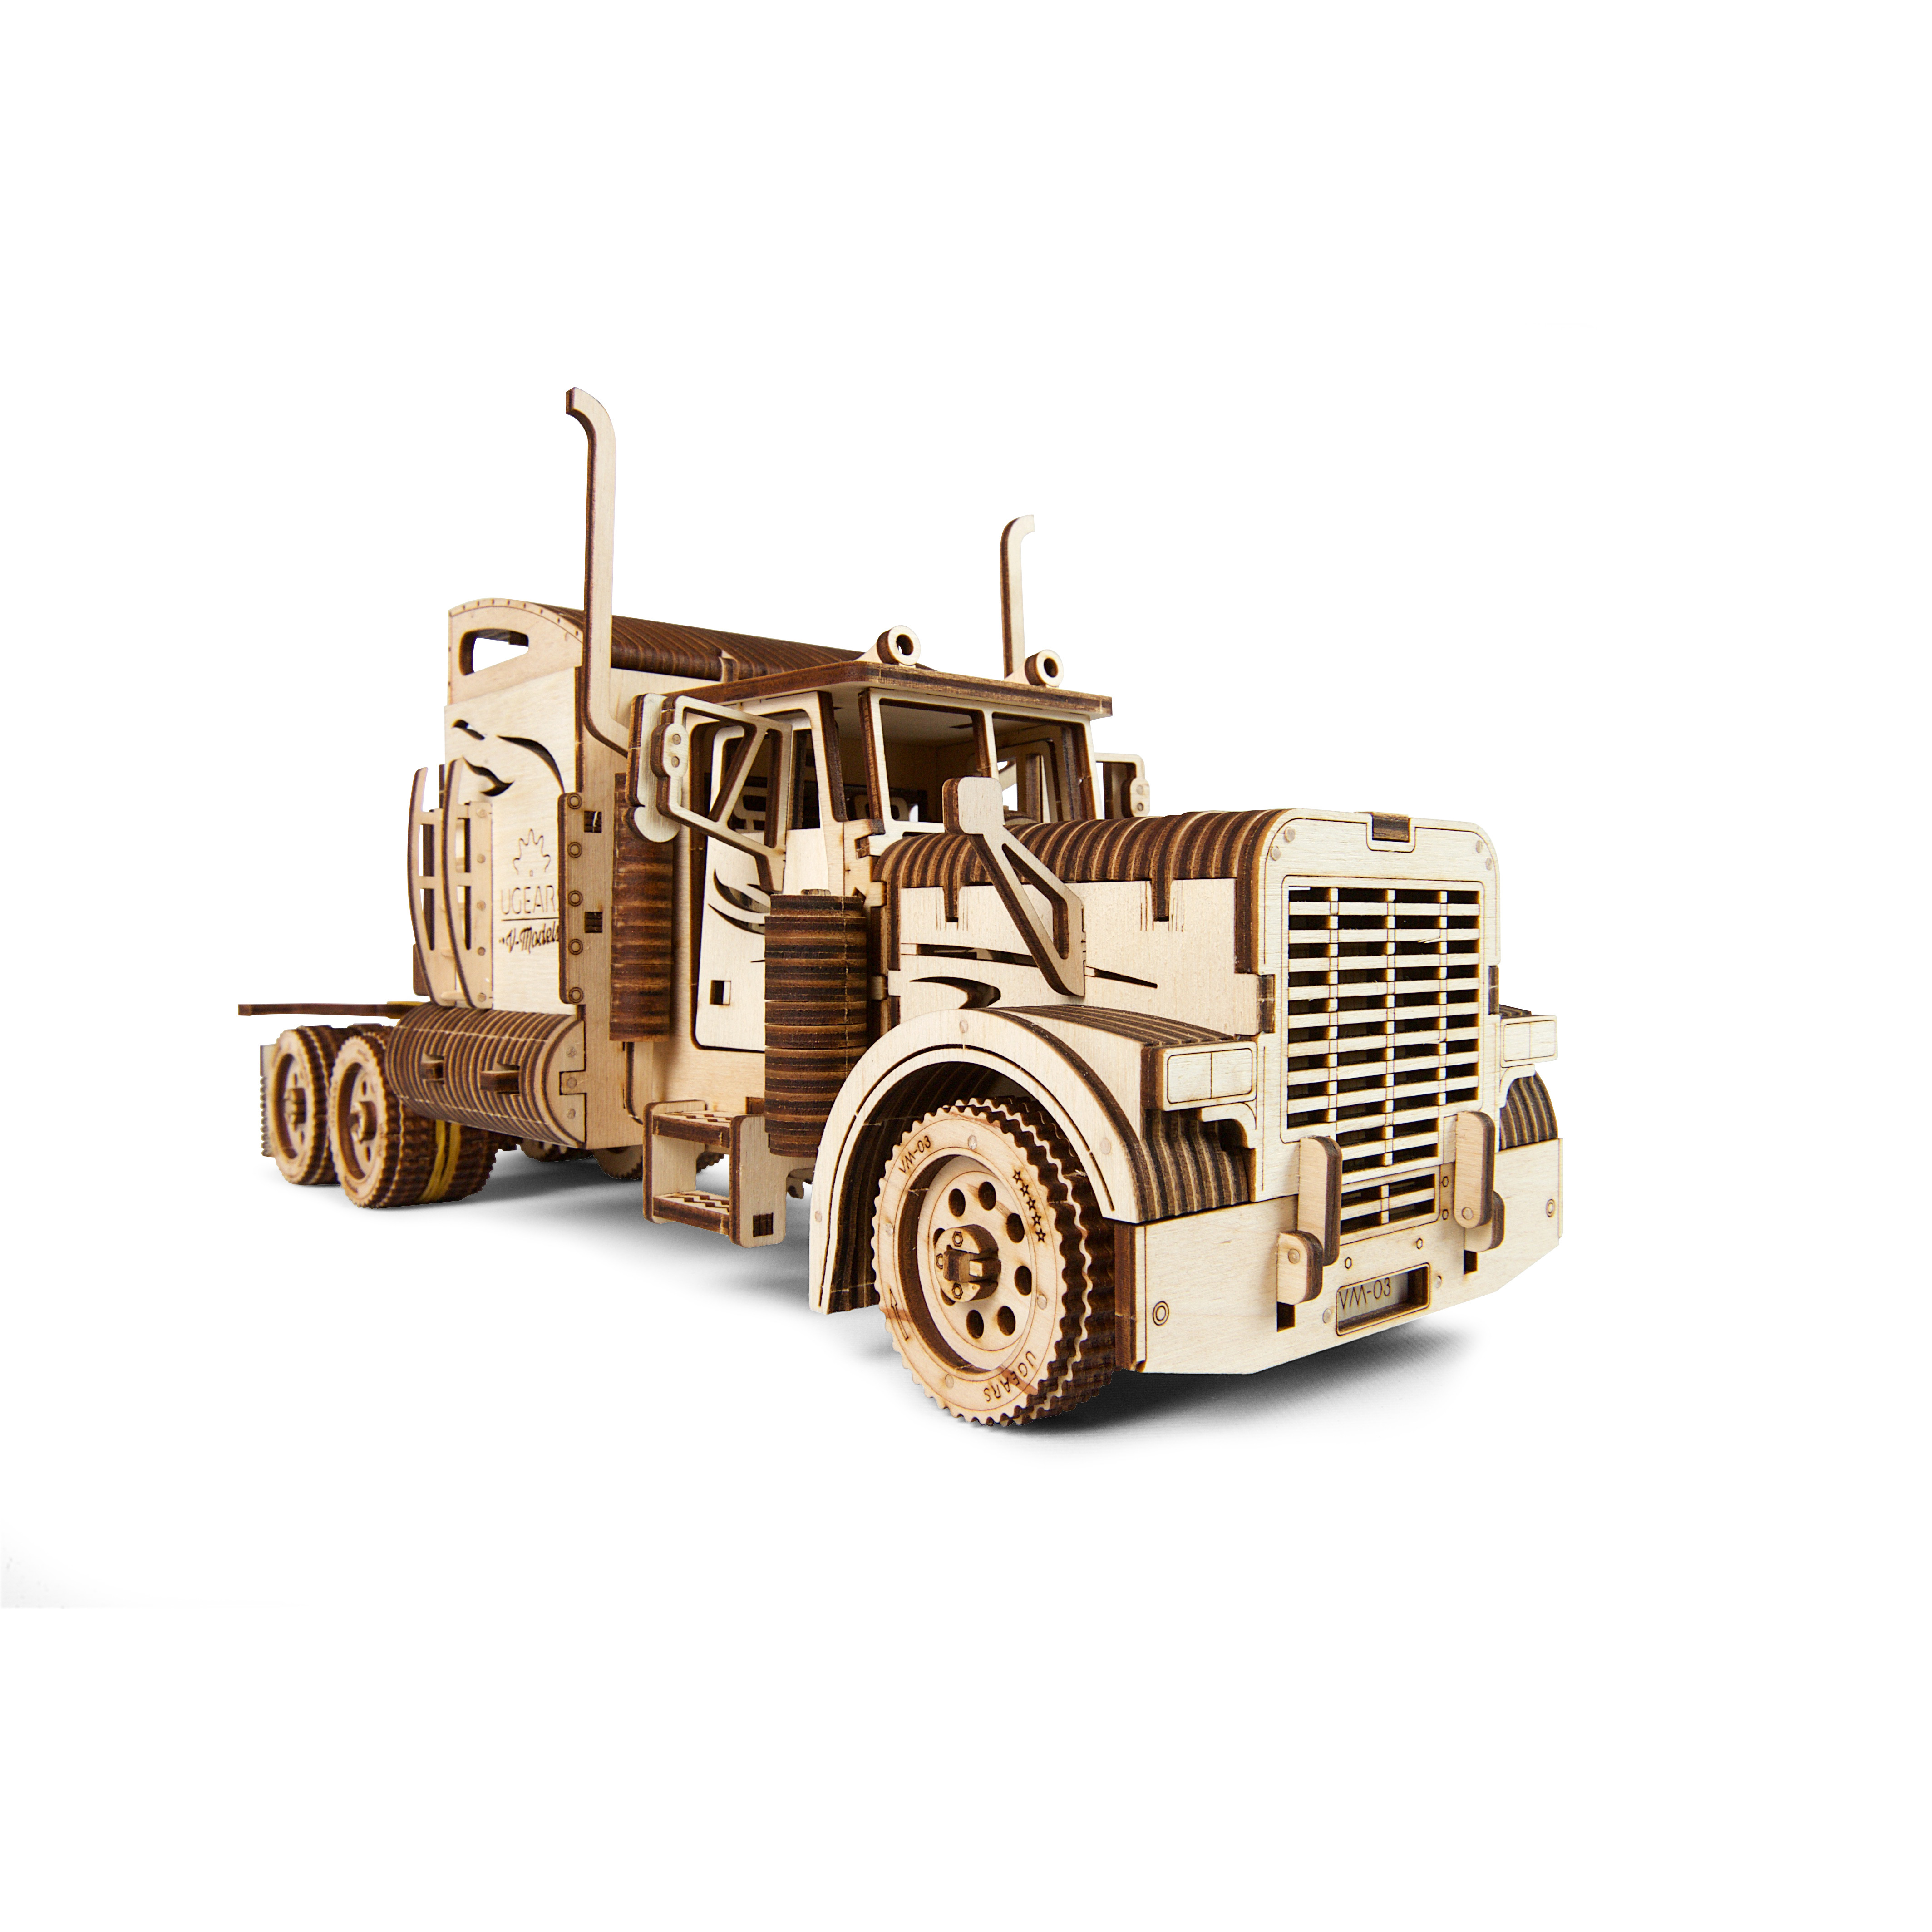 Mô hình Gỗ cơ khí, Ugears Heavy Boy Truck - Xe tải đầu kéo hạng nặng, sản phẩm chính hãng Ugears, nhập khẩu nguyên bộ EU, mô hình lắp ráp 3D, DYI